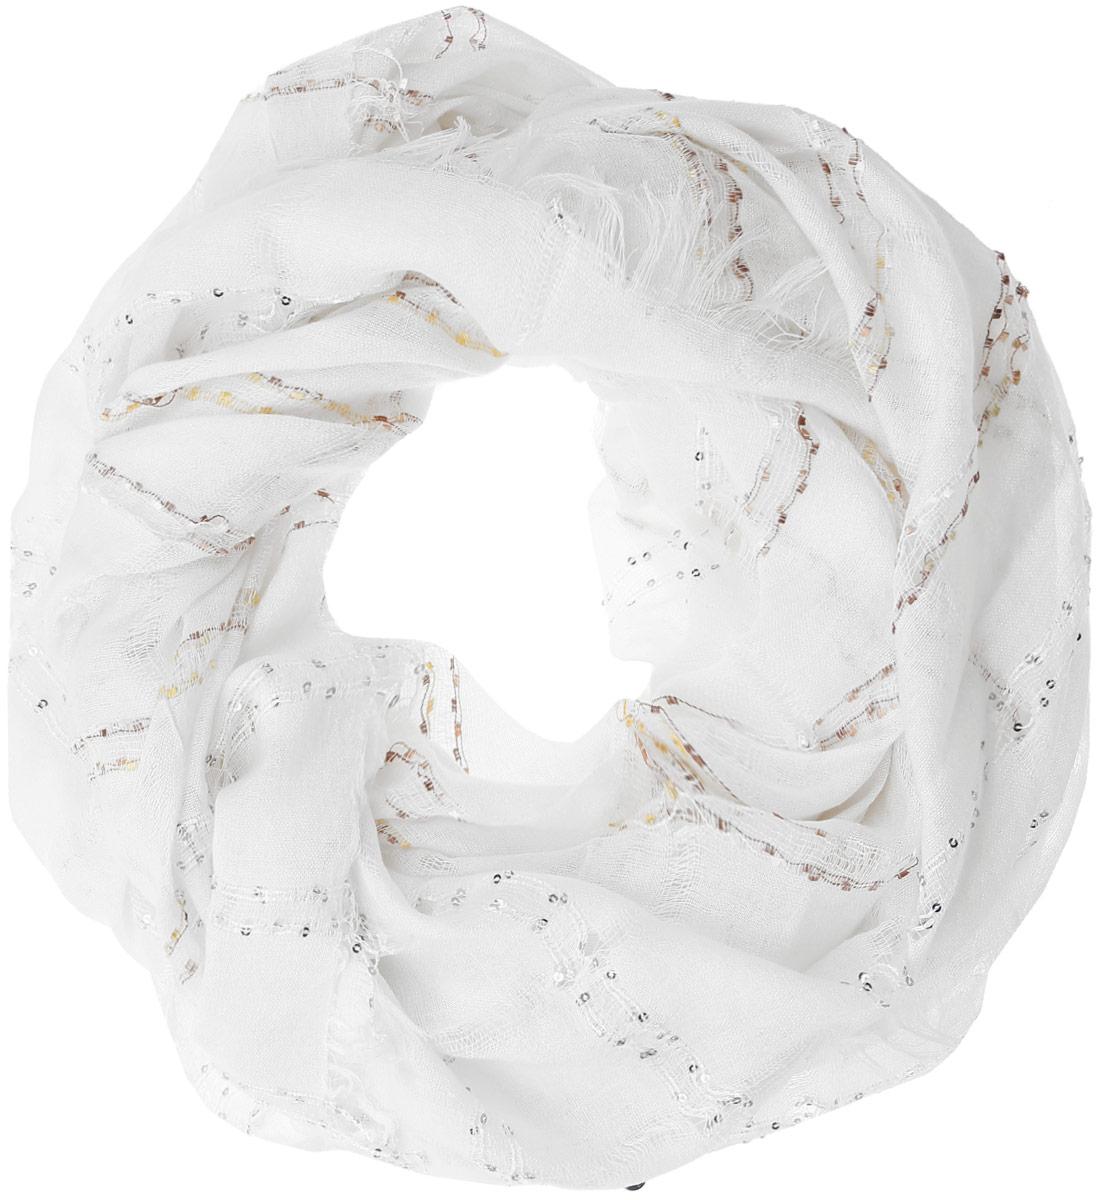 5Y-1602Стильный женский платок Moltini станет великолепным завершением любого наряда. Платок изготовлен из 100% вискозы. Он украшен бахромой и оформлен оригинальными полосками и пайетками. Классическая квадратная форма позволяет носить его на шее, украшать прическу или декорировать сумочку. Мягкий и легкий платок поможет вам создать оригинальный женственный образ. Такой платок превосходно дополнит любой наряд и подчеркнет ваш неповторимый вкус и элегантность.